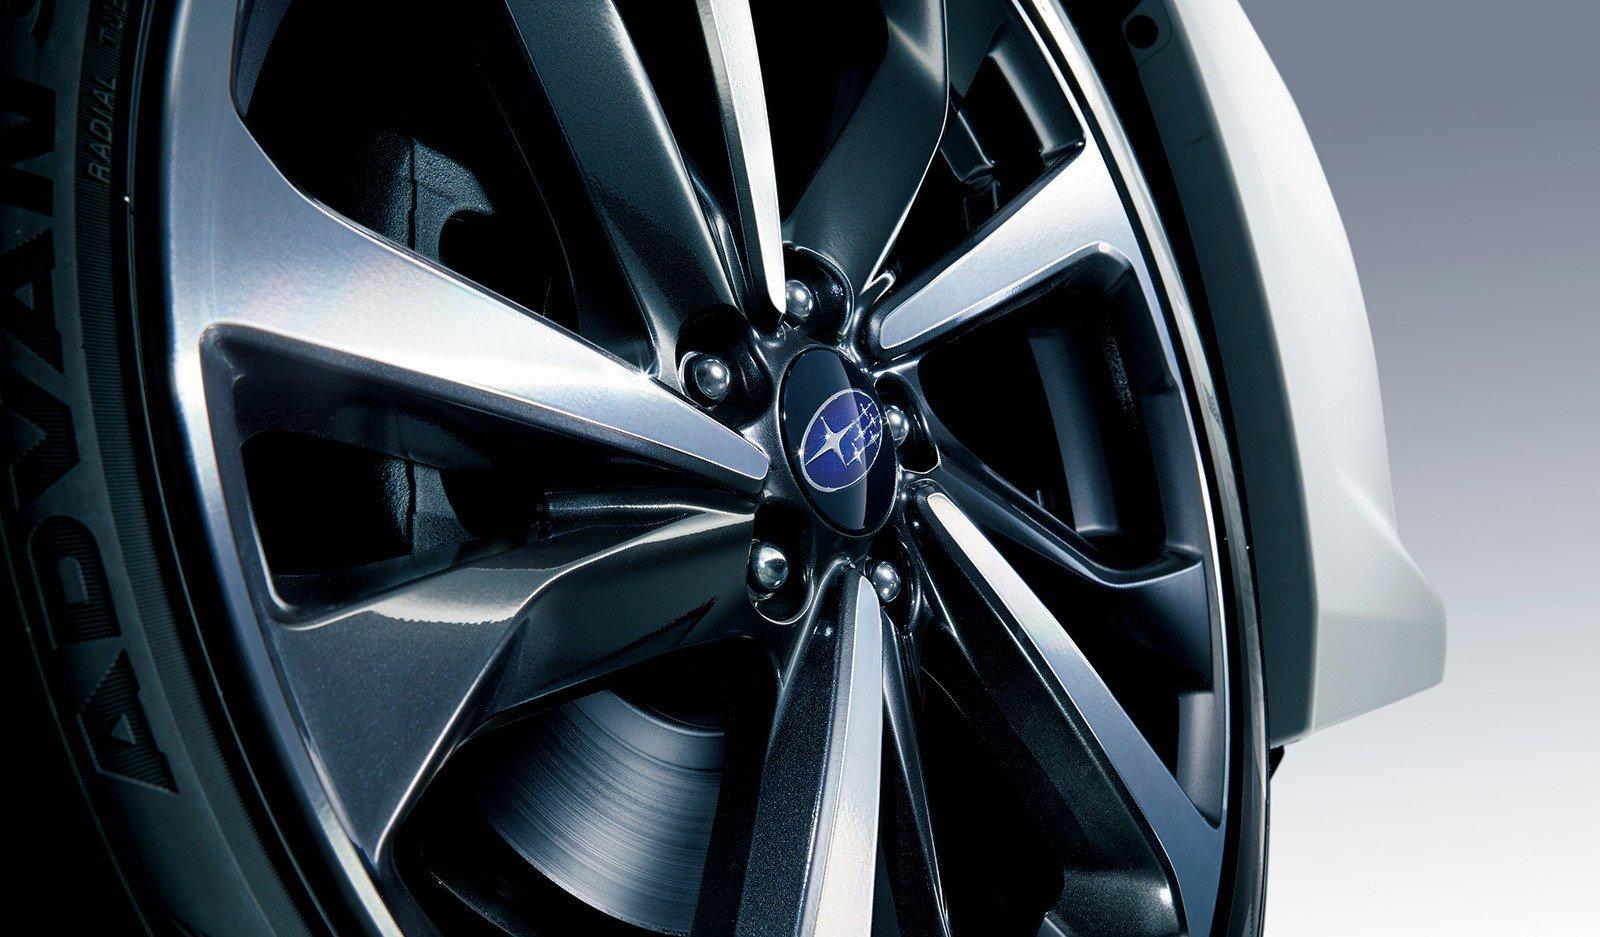 Subaru-Impreza-facelift-9